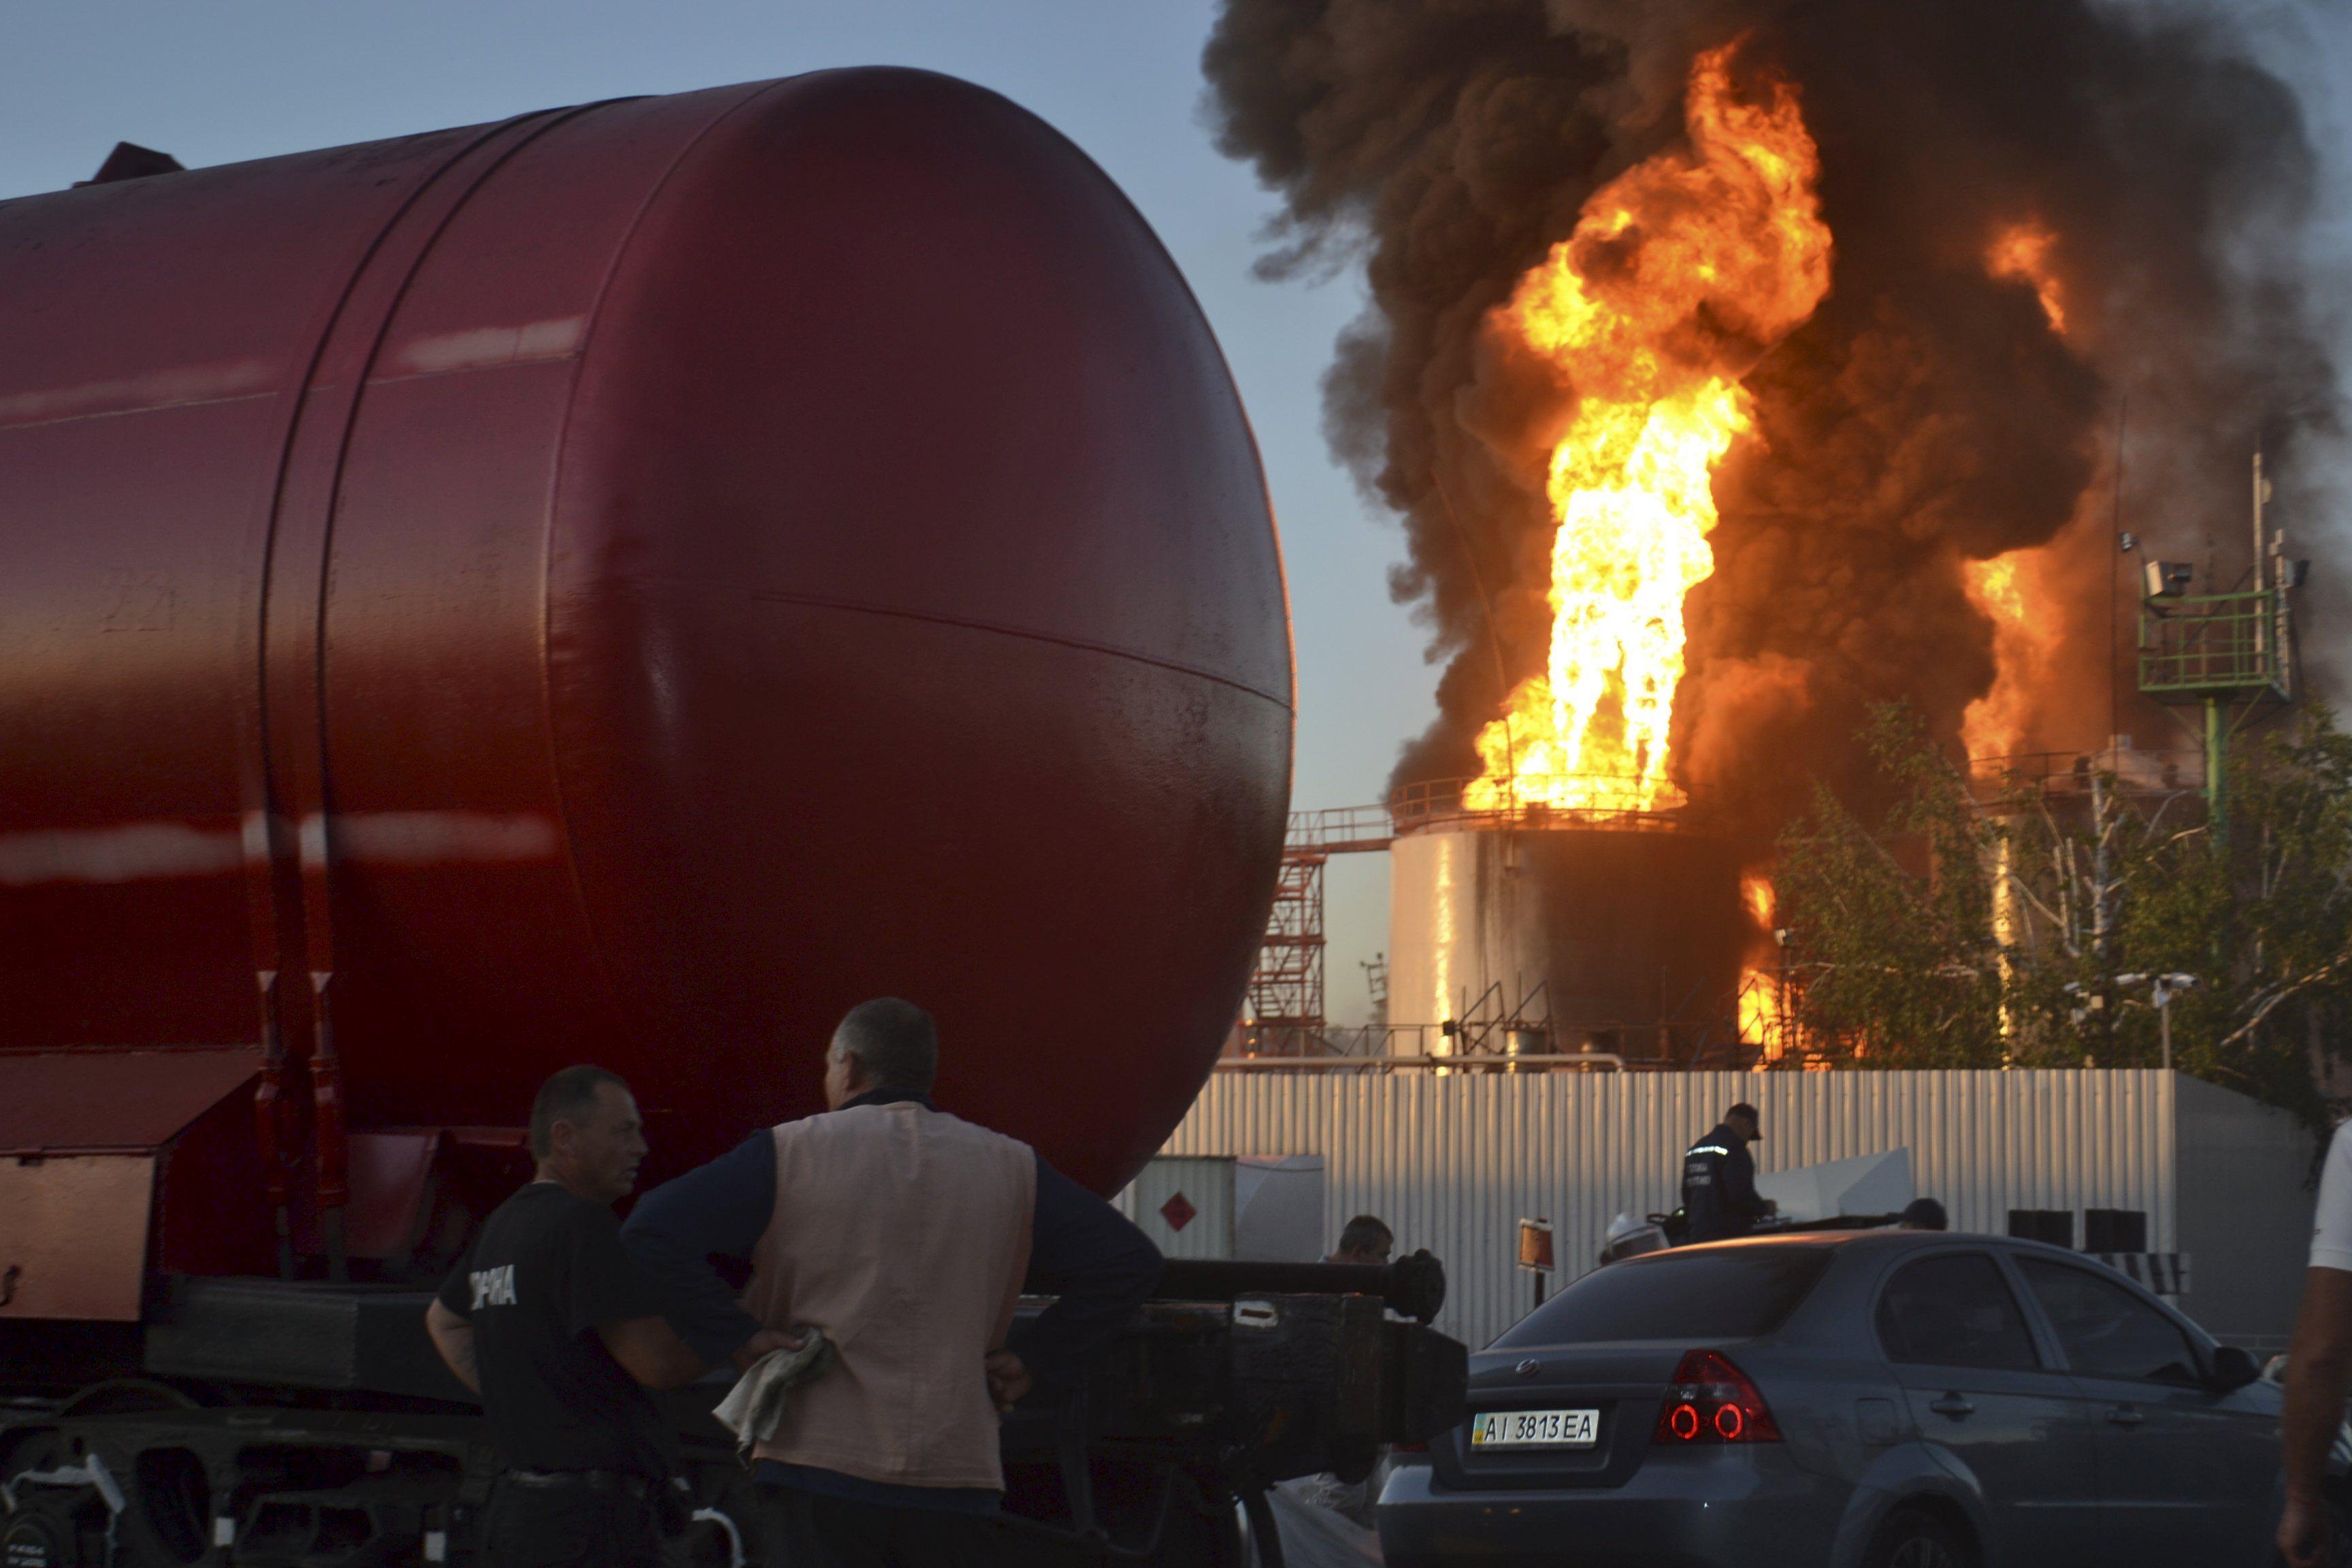 Пожар в Василькове, фото с места событий